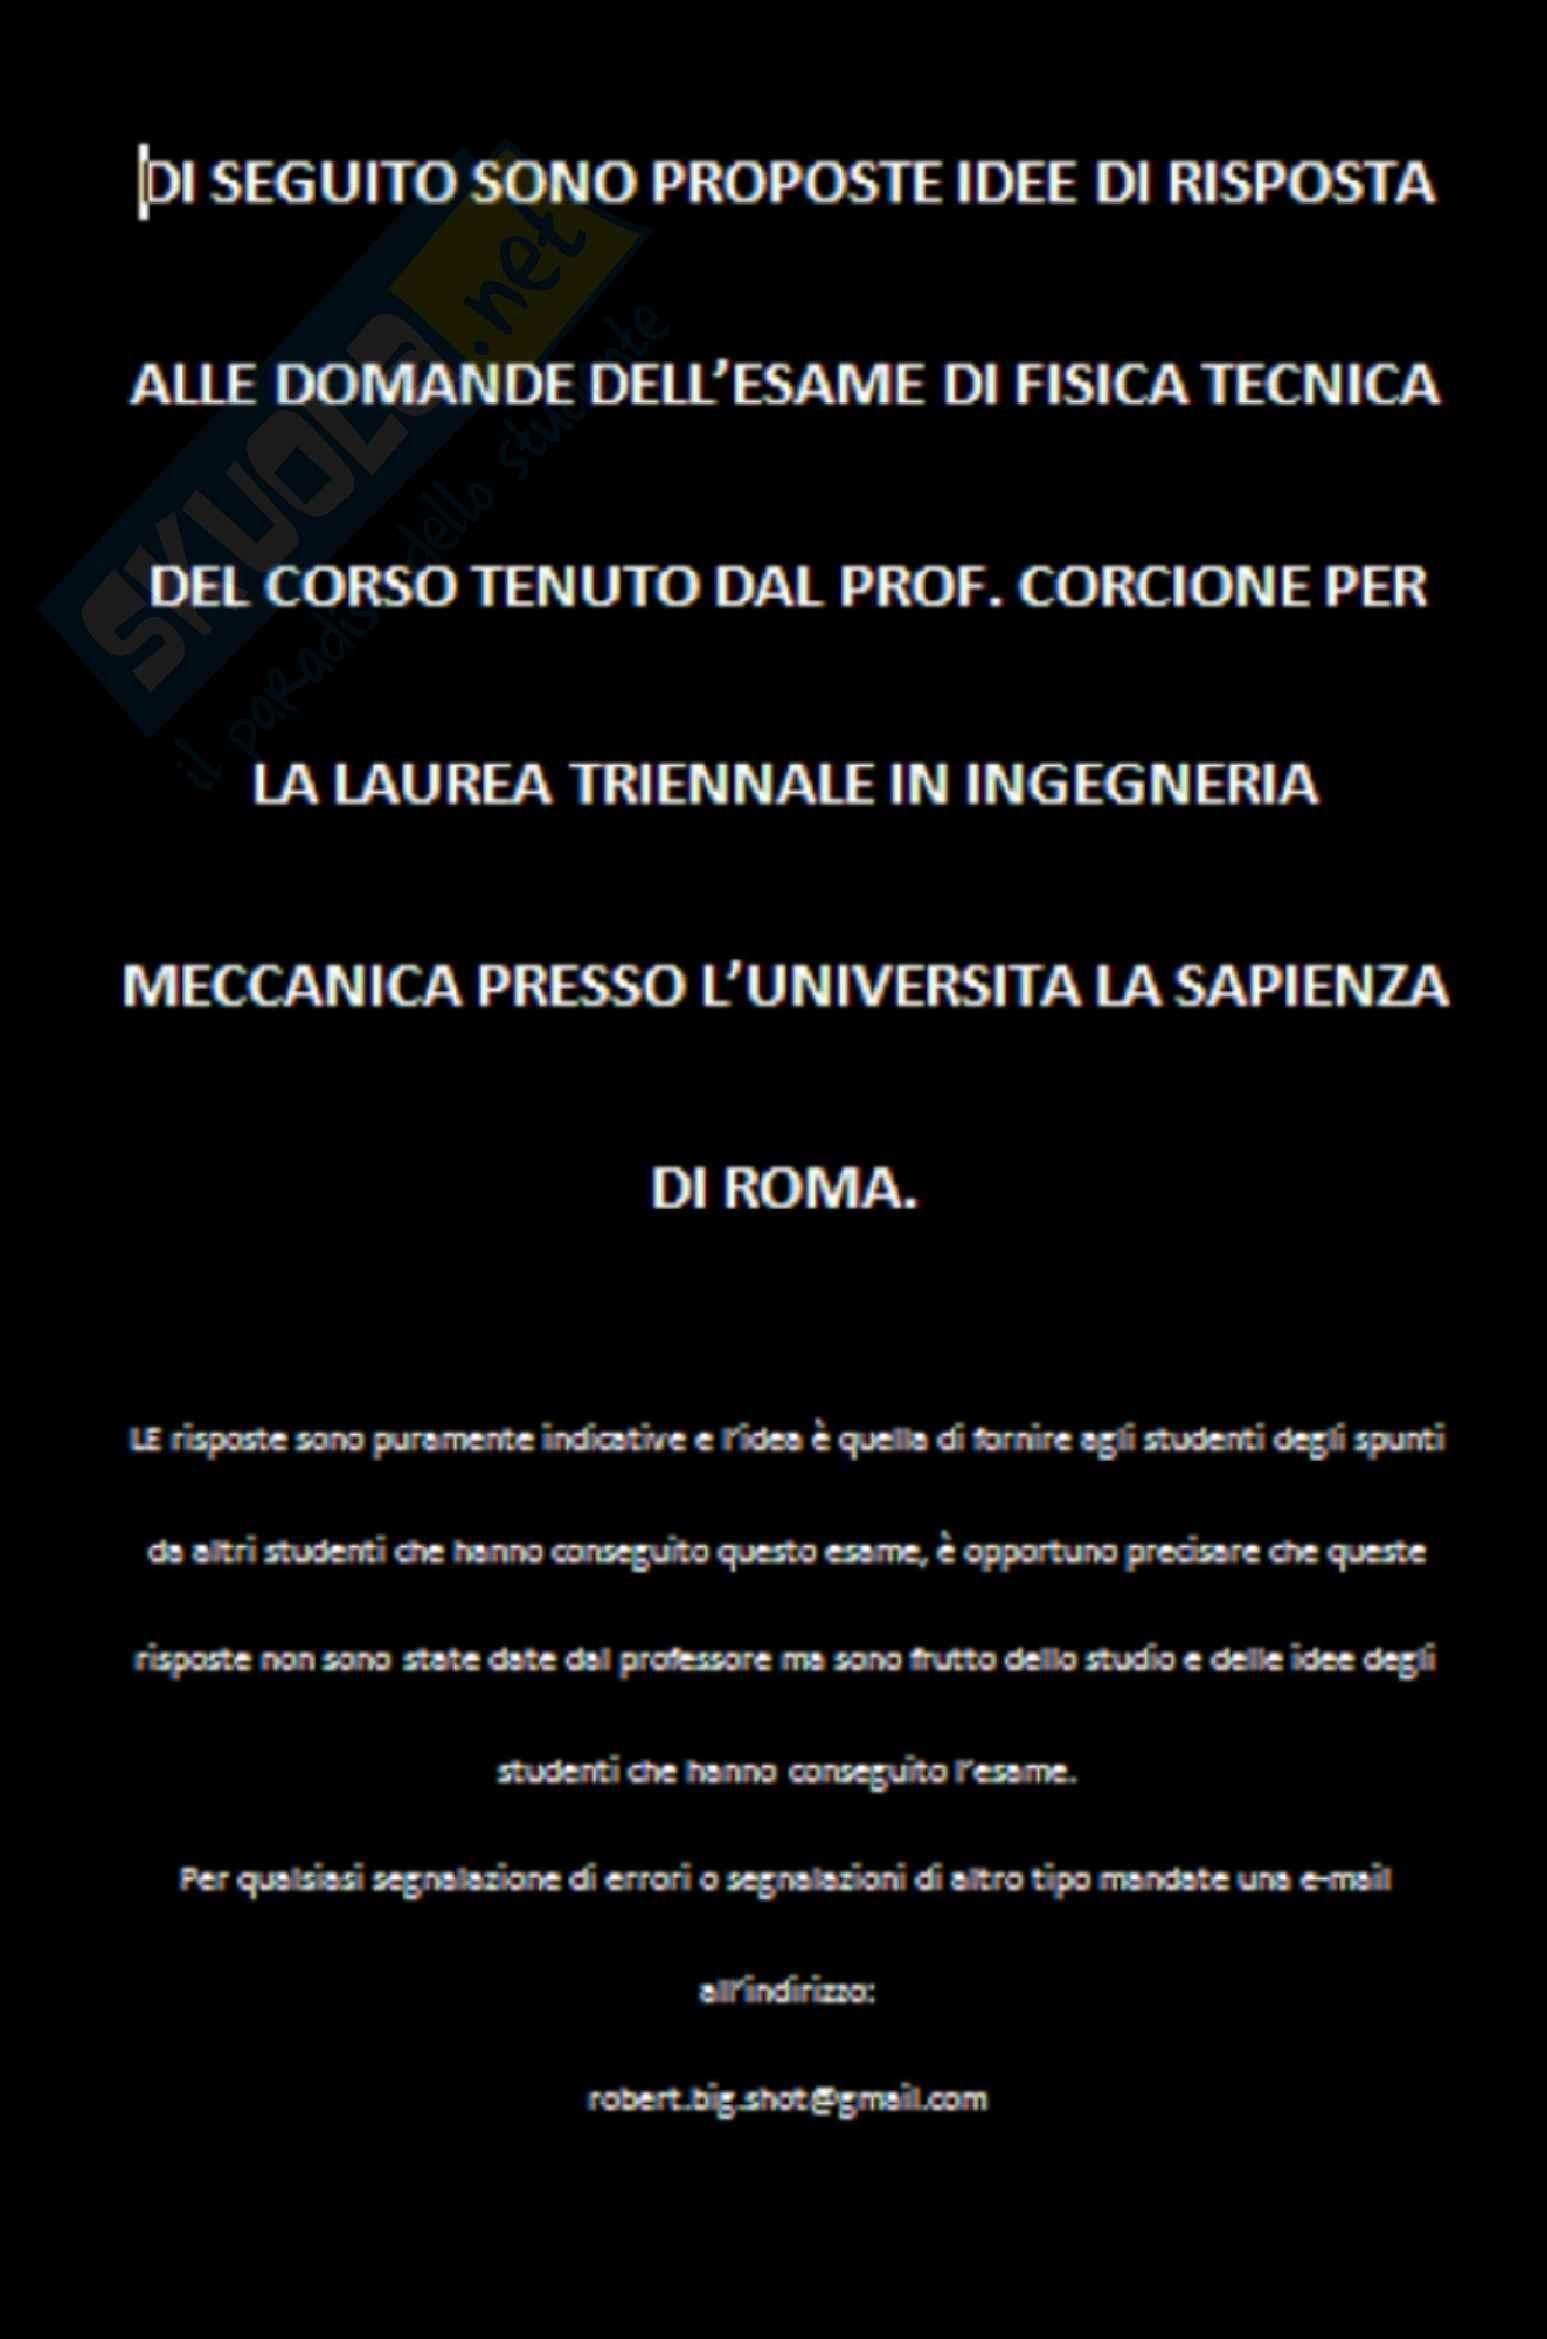 appunto M. Corcione Fisica tecnica